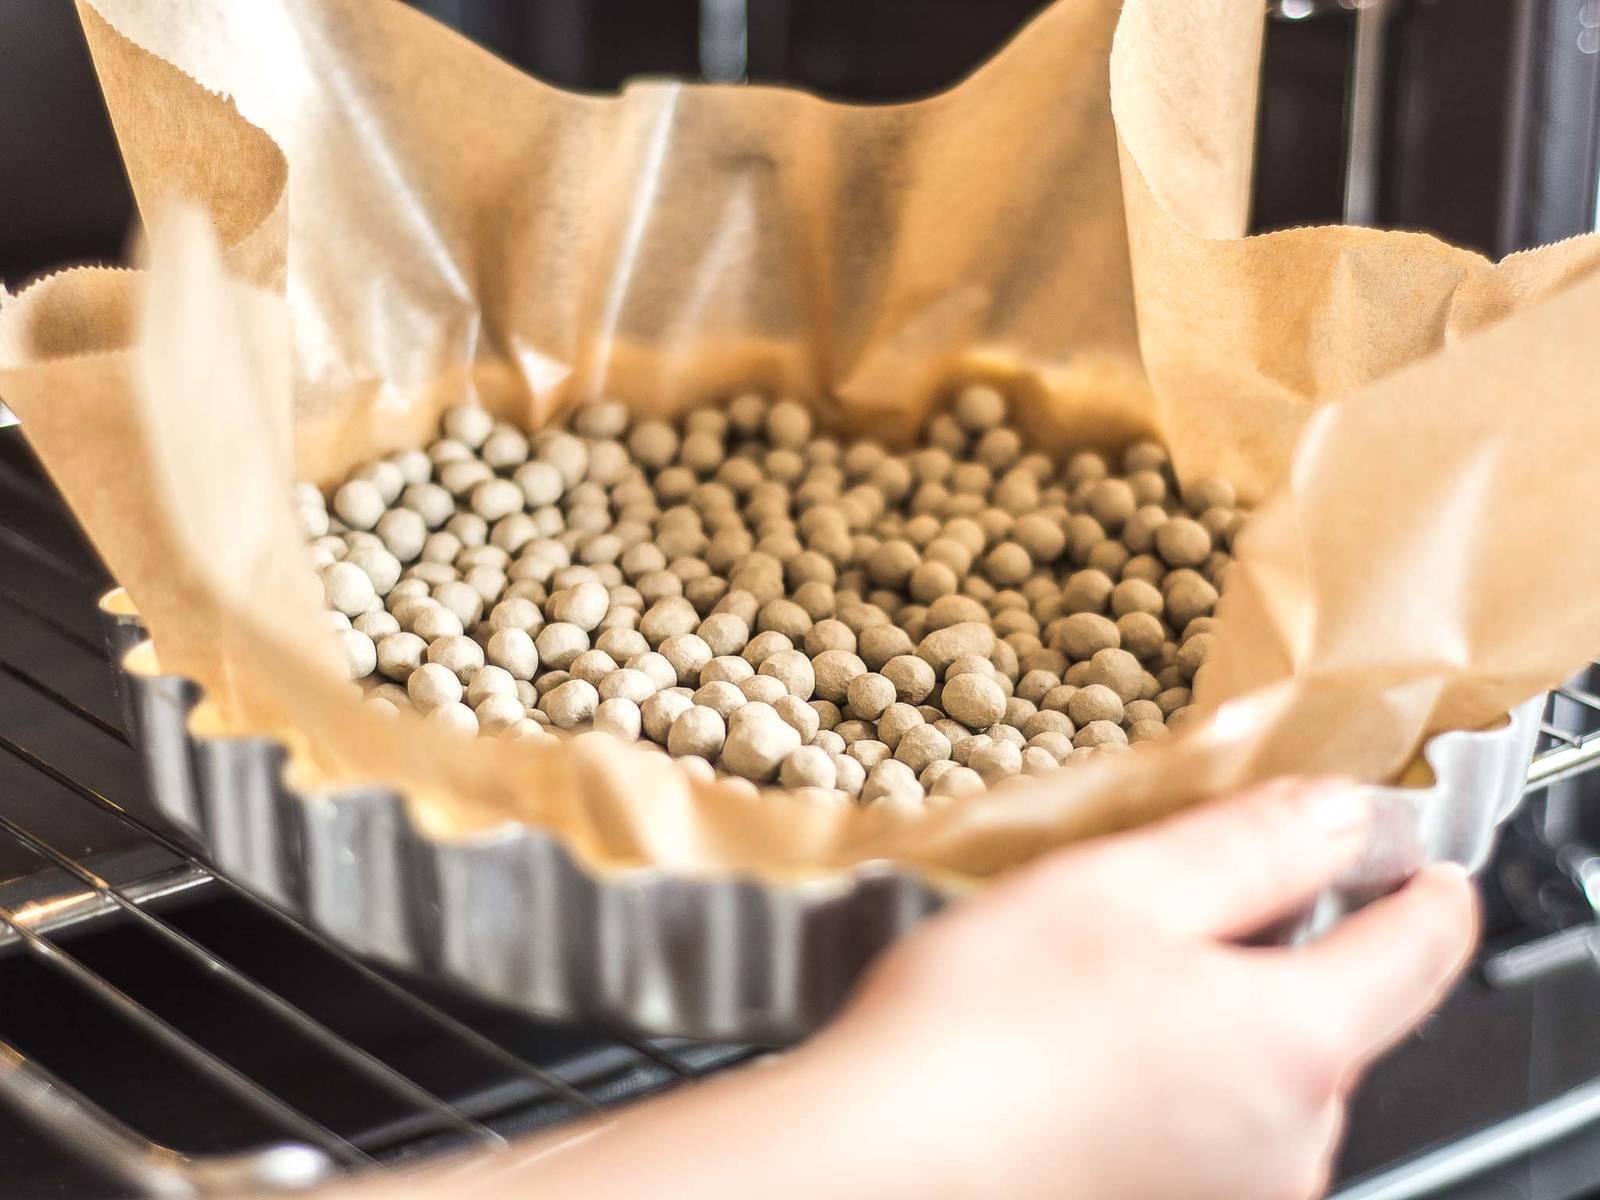 Anschließend im vorgeheizten Ofen bei 180°C ca. 12 – 15 Min. blind backen, bis der Boden goldgelb ist.